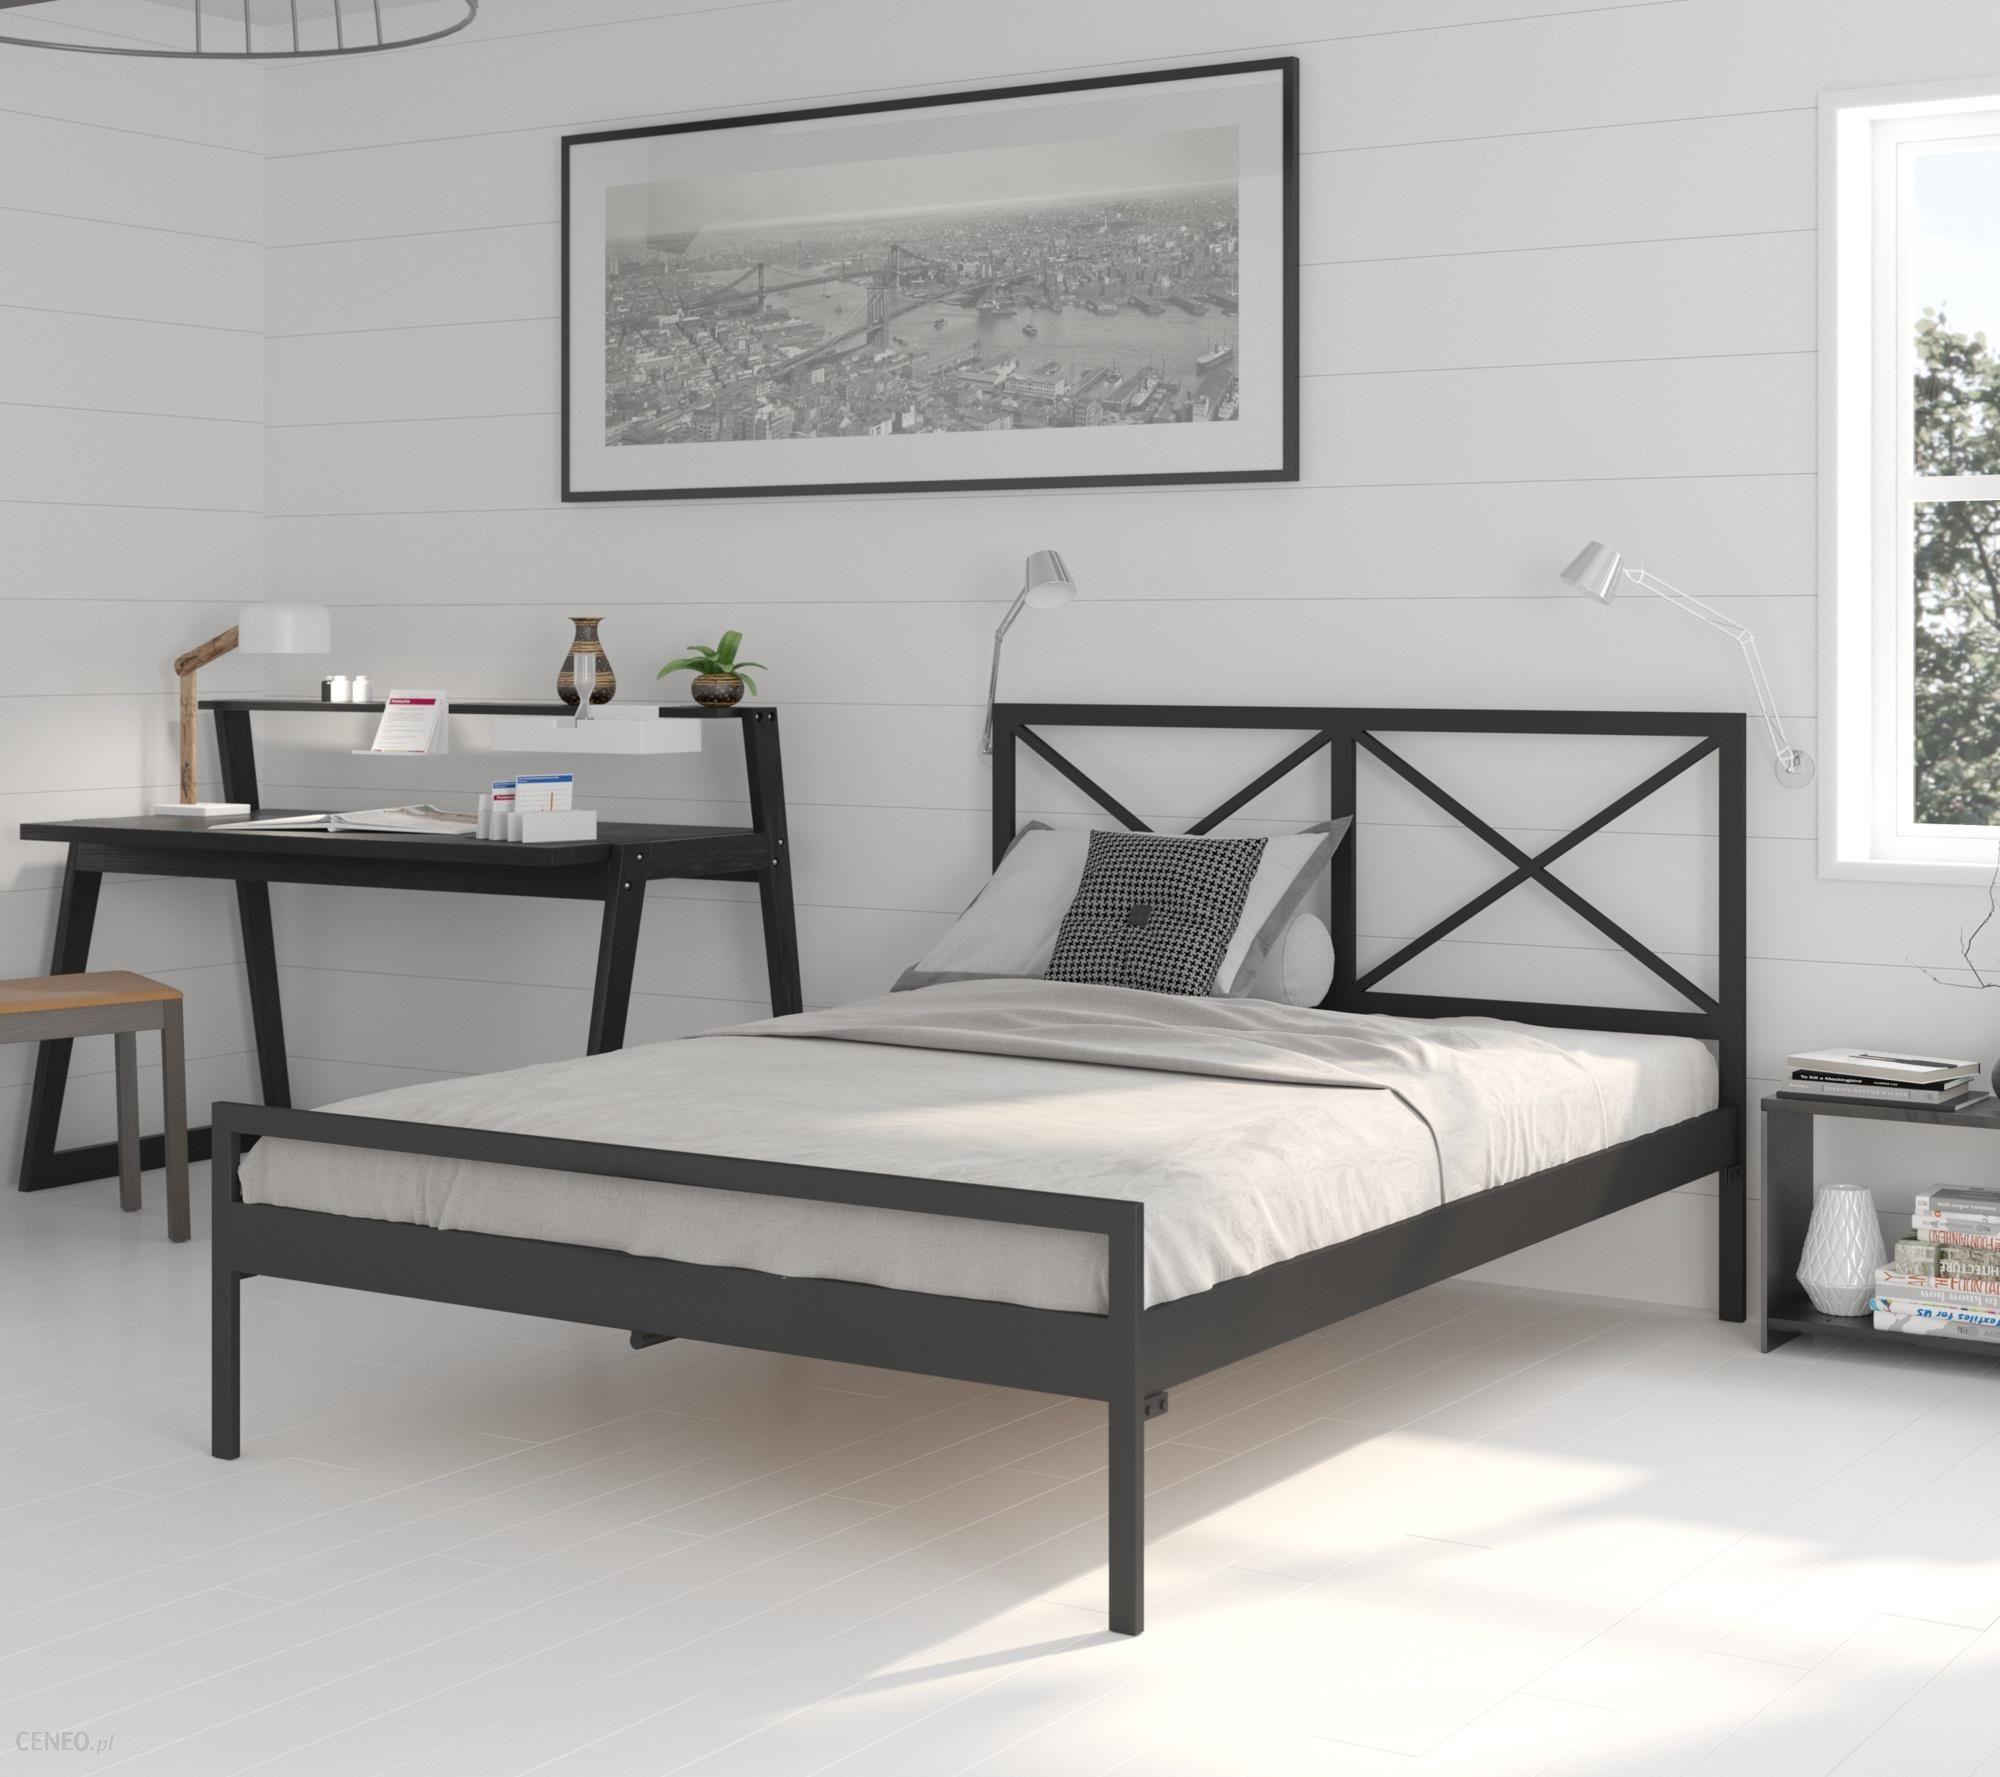 Lak System łóżko Metalowe 120x200 Wzór 38 Stelaż